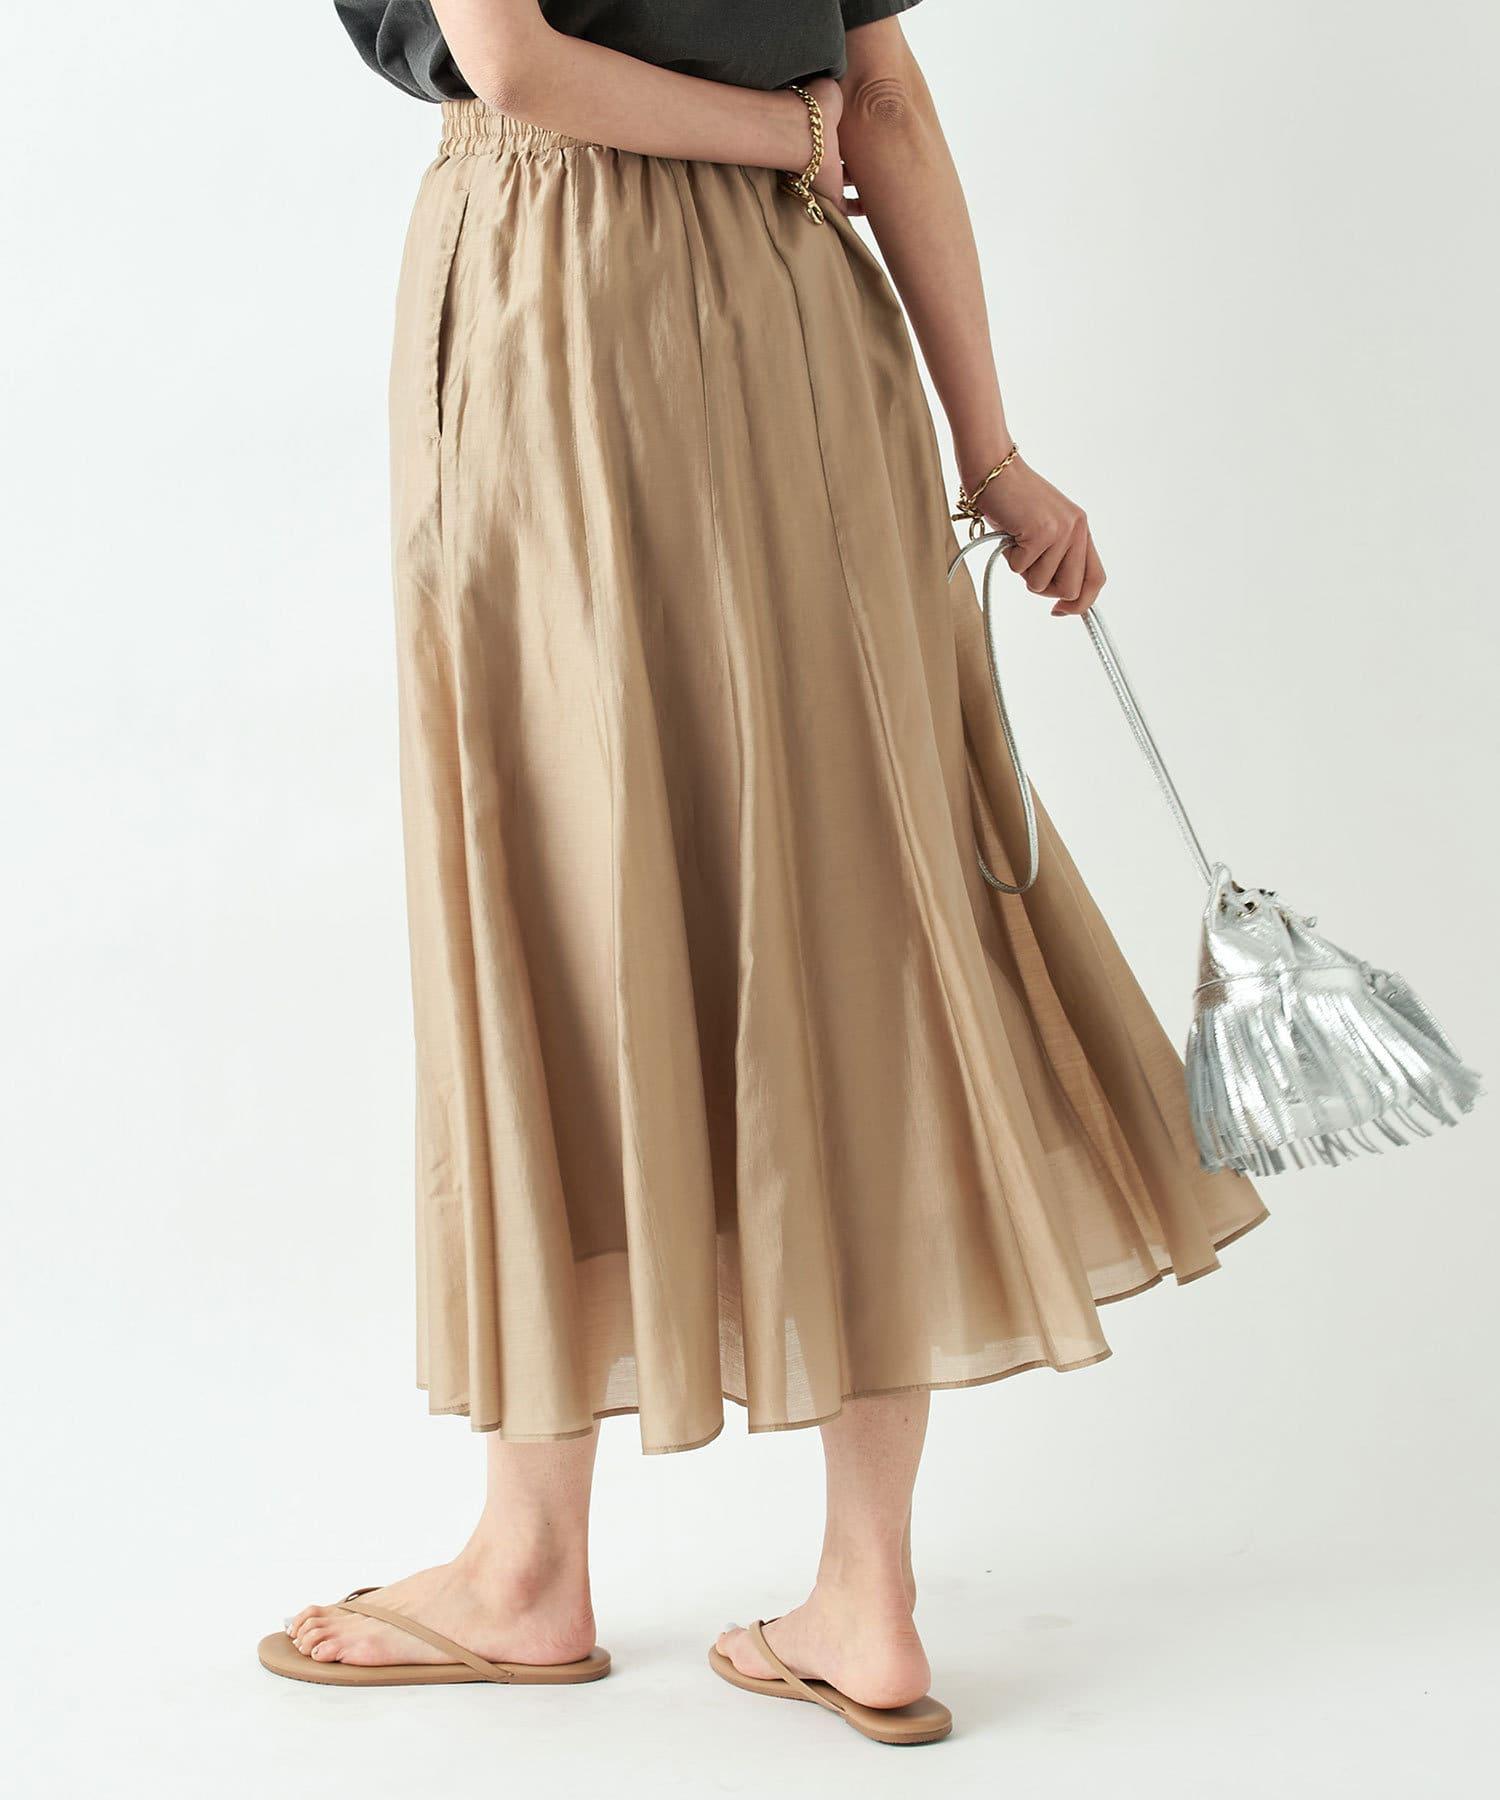 RIVE DROITE(リヴドロワ) 【動画付き《フェミニンな印象の一枚》】エアークロスギャザースカート